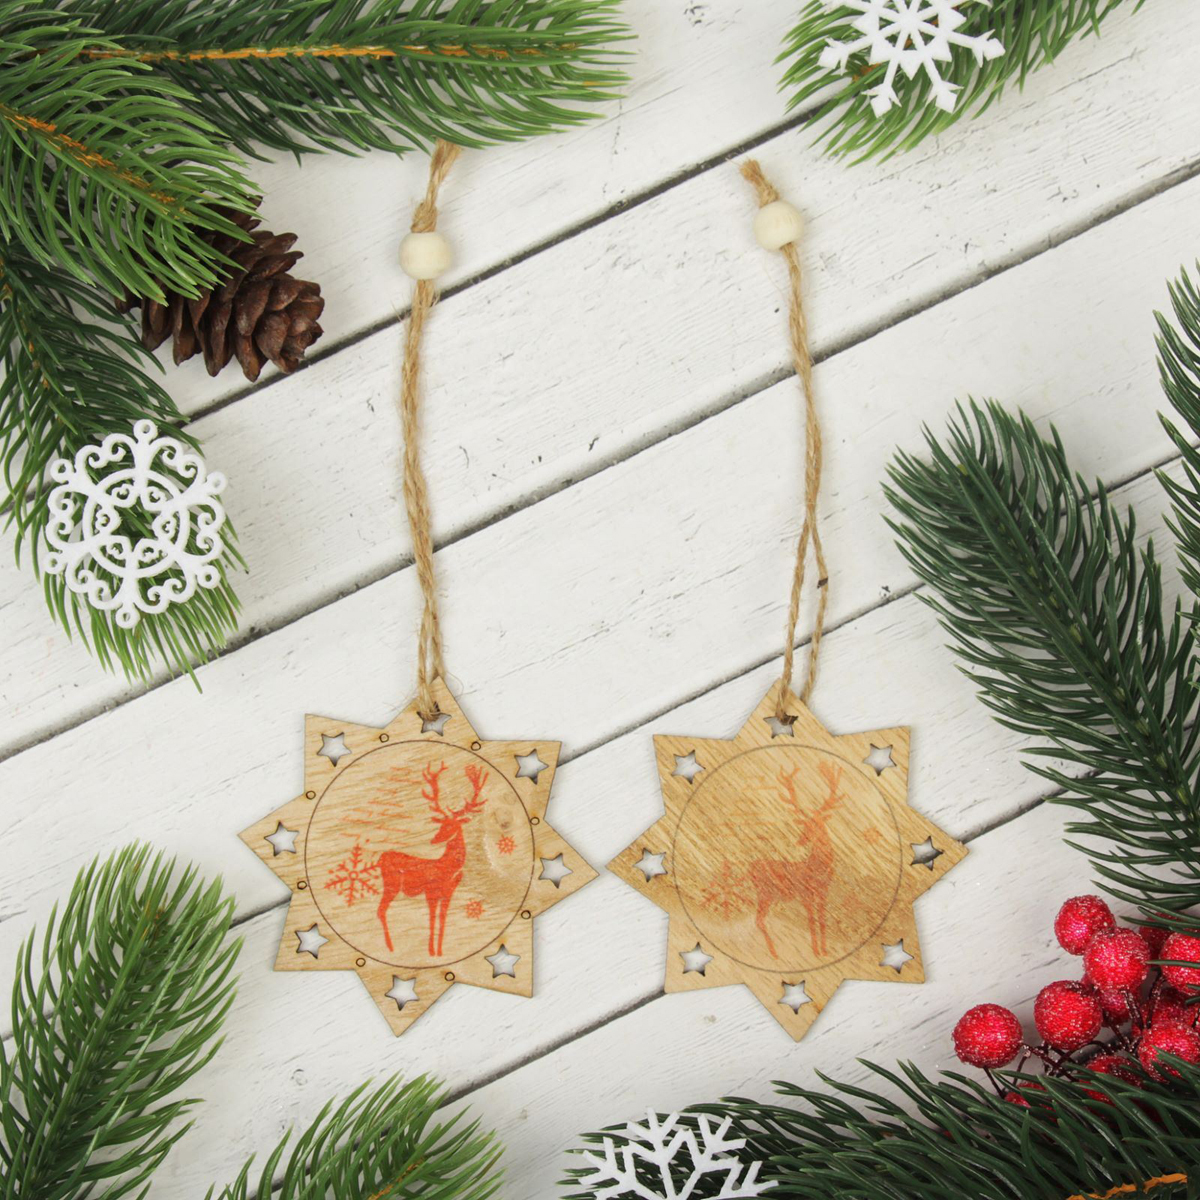 Новогоднее подвесное украшение Олень в зимнем лесу, 2 шт2303270Набор новогодних подвесных украшений, выполненных из дерева, отлично подойдет для декорации вашего дома и новогодней ели. С помощью специальной петельки украшение можно повесить в любом понравившемся вам месте. Но, конечно, удачнее всего оно будет смотреться на праздничной елке.Елочная игрушка - символ Нового года. Она несет в себе волшебство и красоту праздника. Такое украшение создаст в вашем доме атмосферу праздника, веселья и радости.В комплекте 2 украшения.